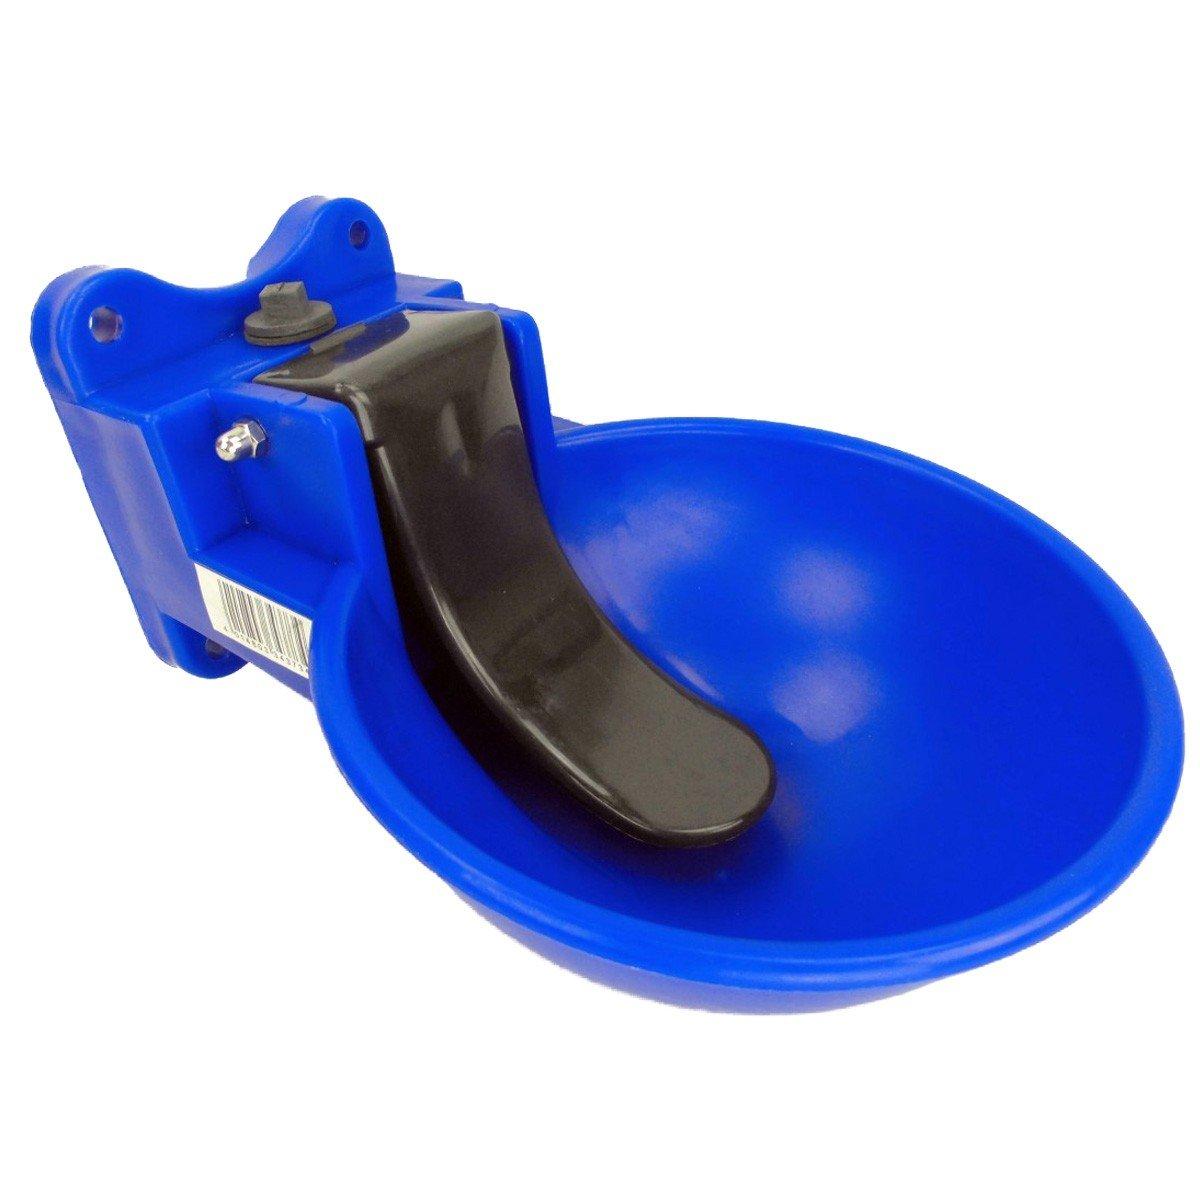 ABBEVERATOIO in plastica di qualità (per esempio per cavalli, bovini...) BLU horizont